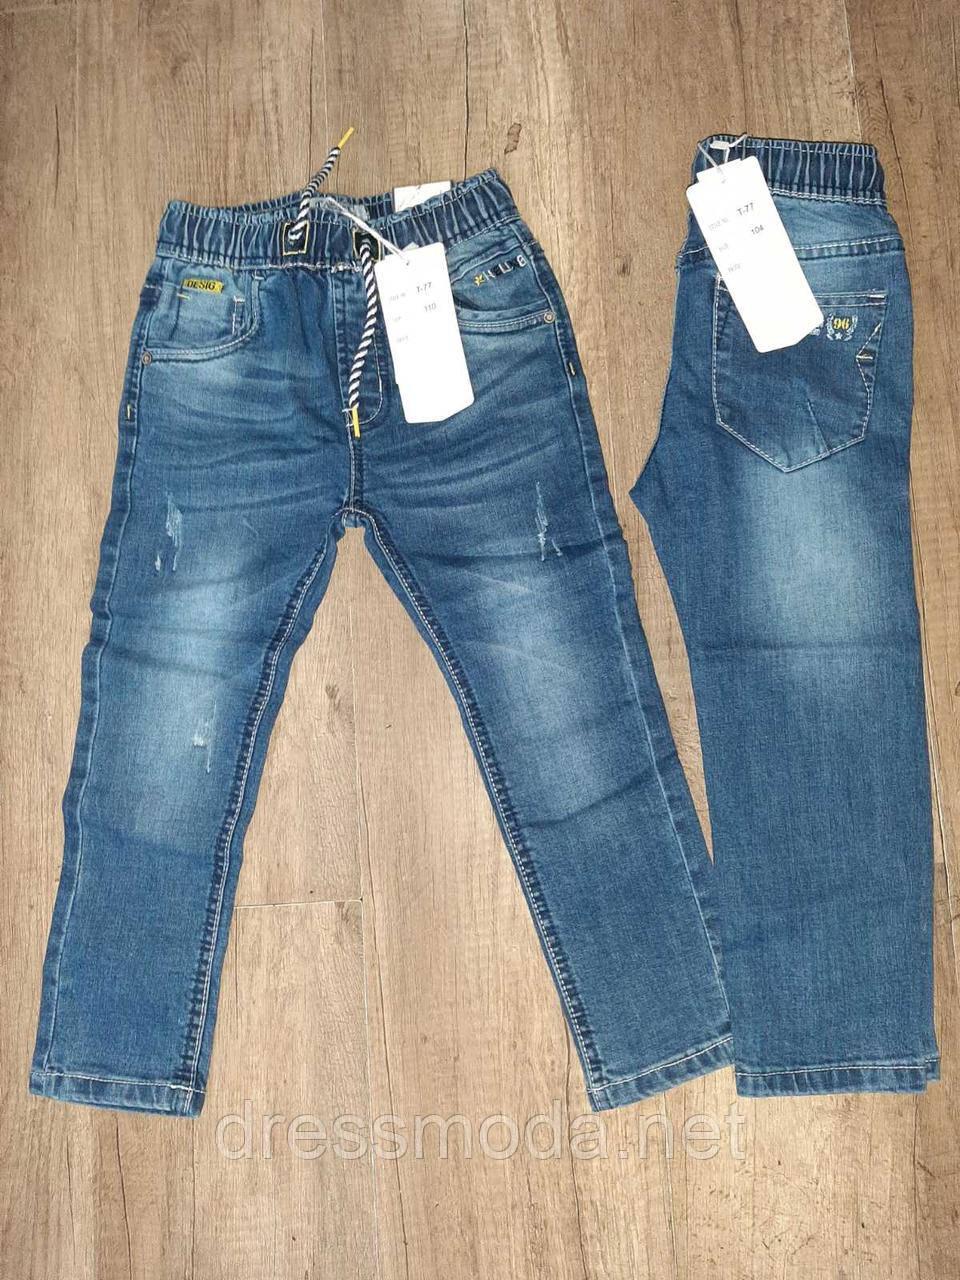 Джинсовые брюки для мальчиков Taurus 98-128 p.p.